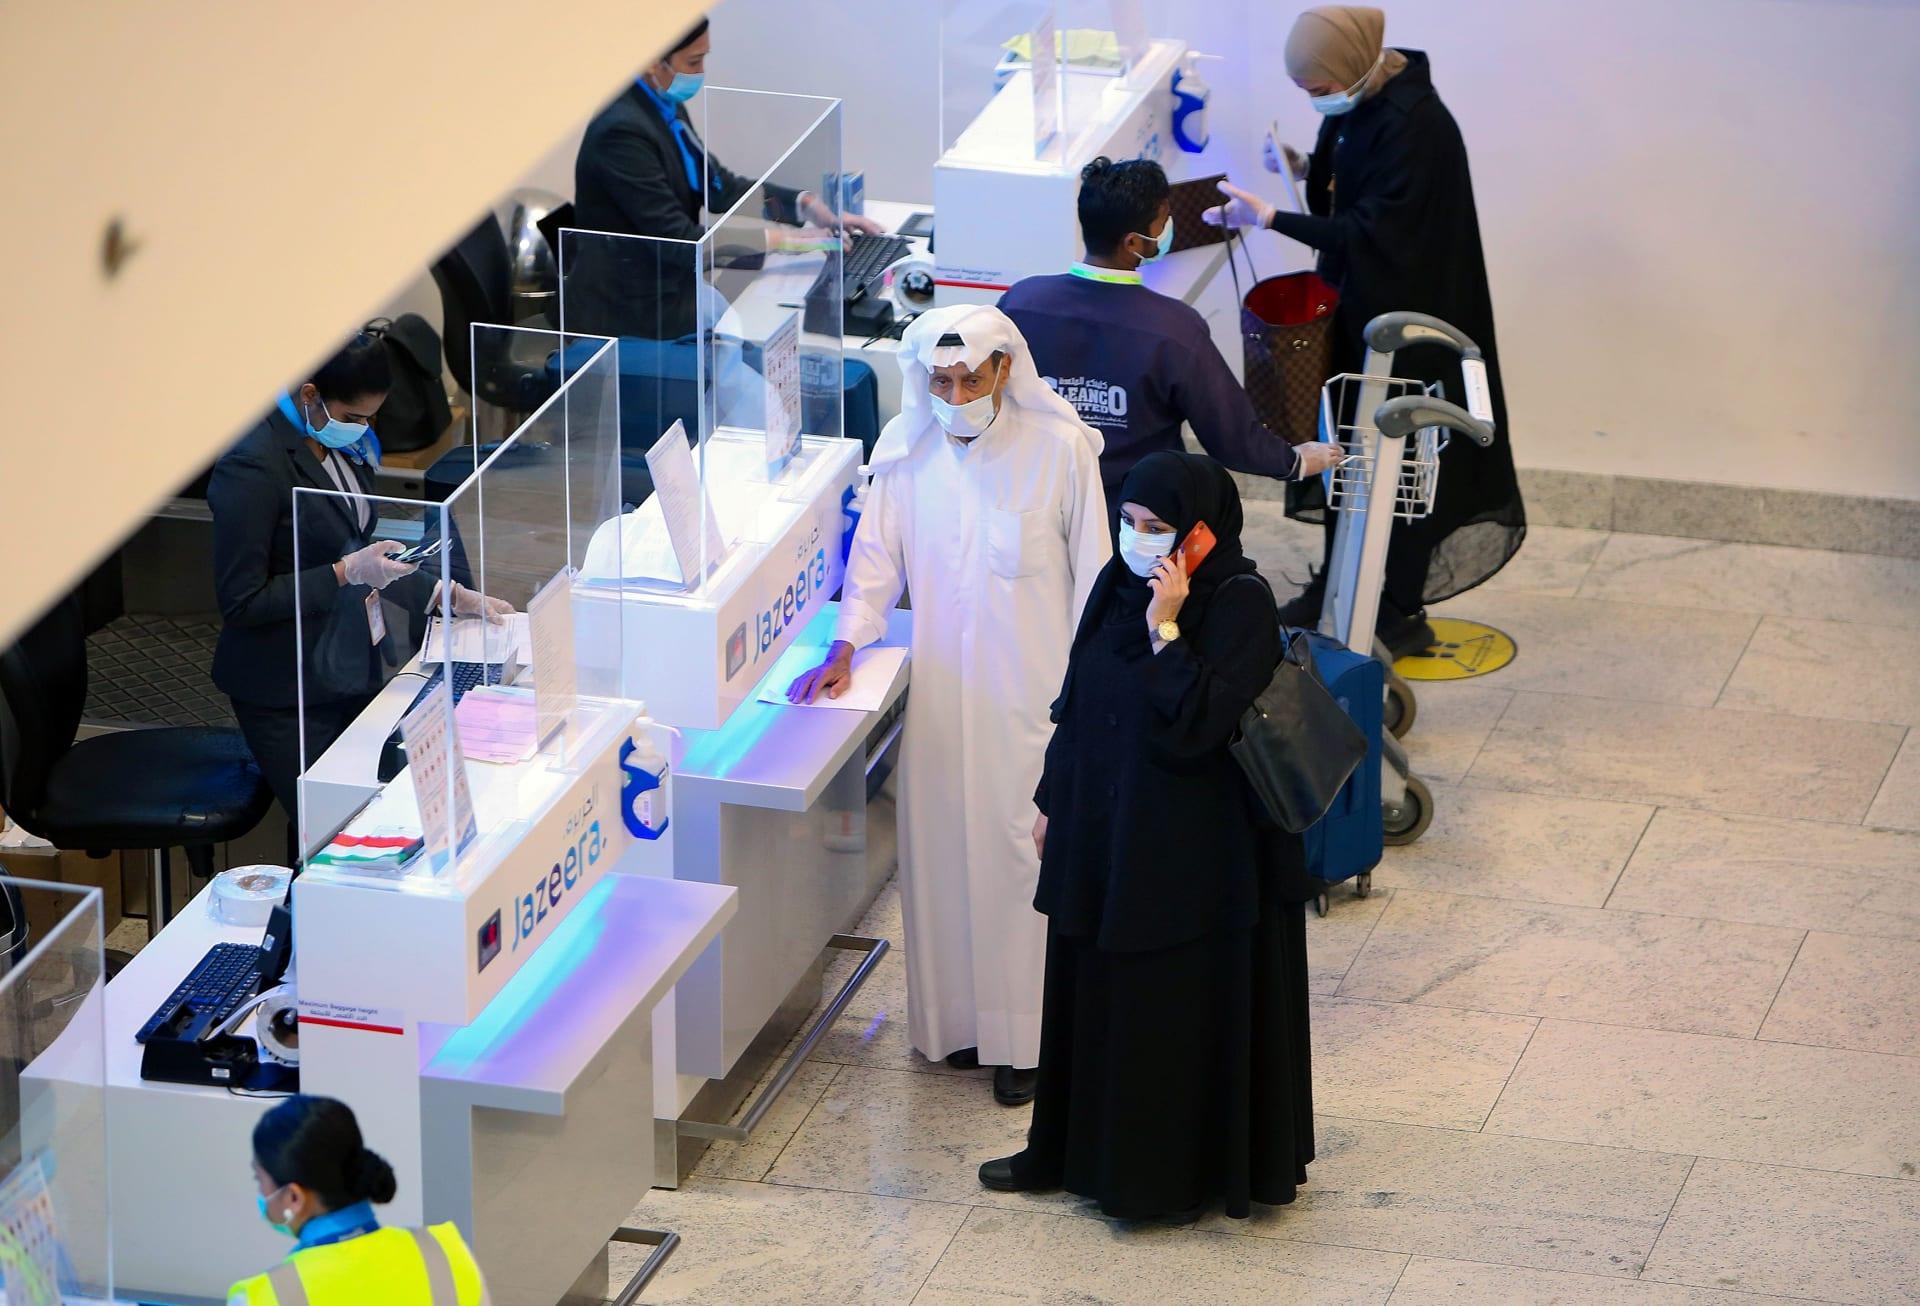 الكويت تعلق الرحلات الجوية وتغلق حدودها حتى 1 يناير مع ظهور سلالة جديدة لكورونا